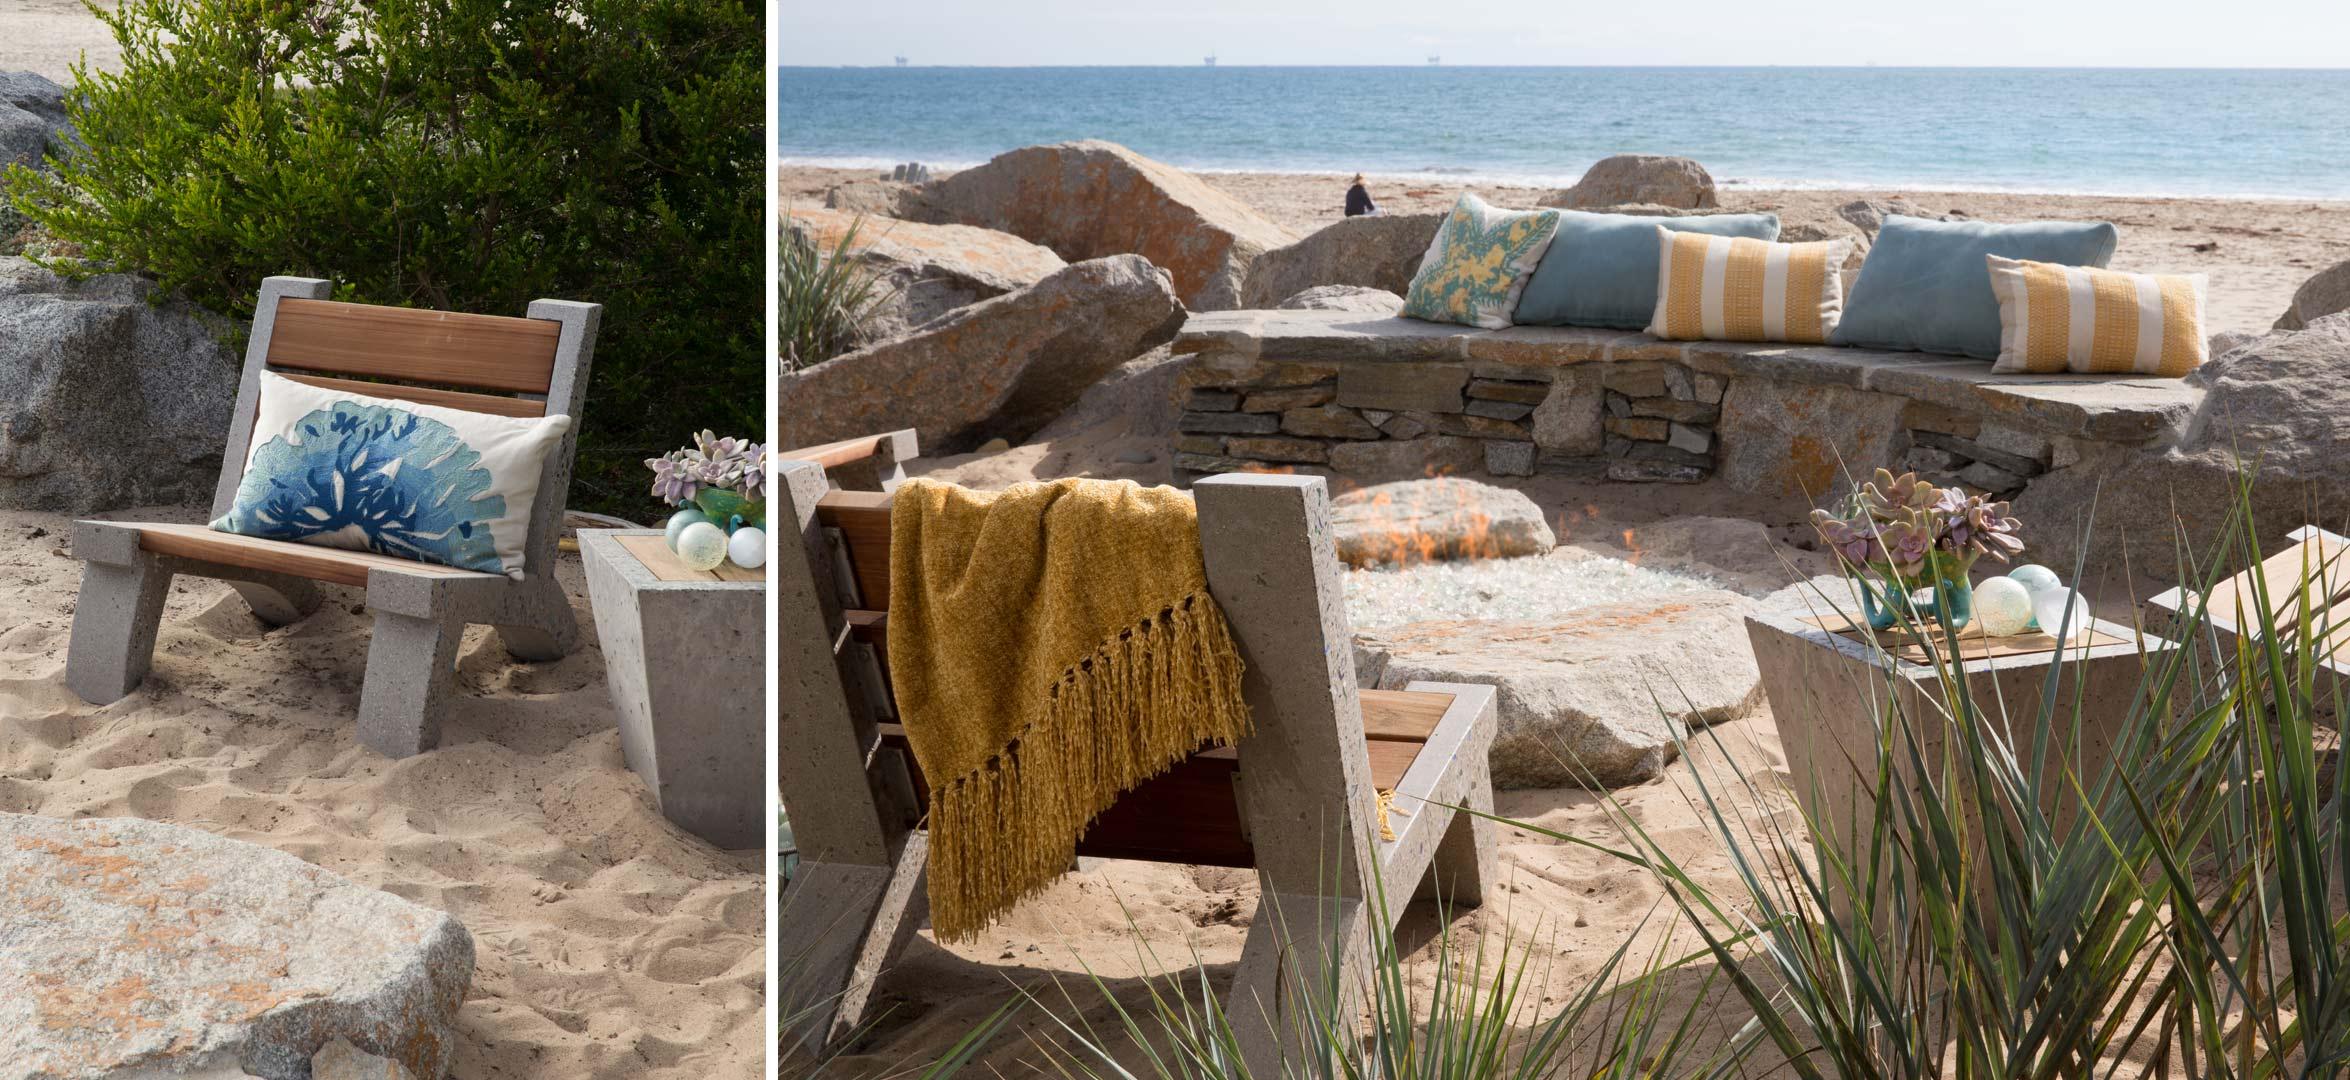 beach-retreat-concrete-furniture.jpg